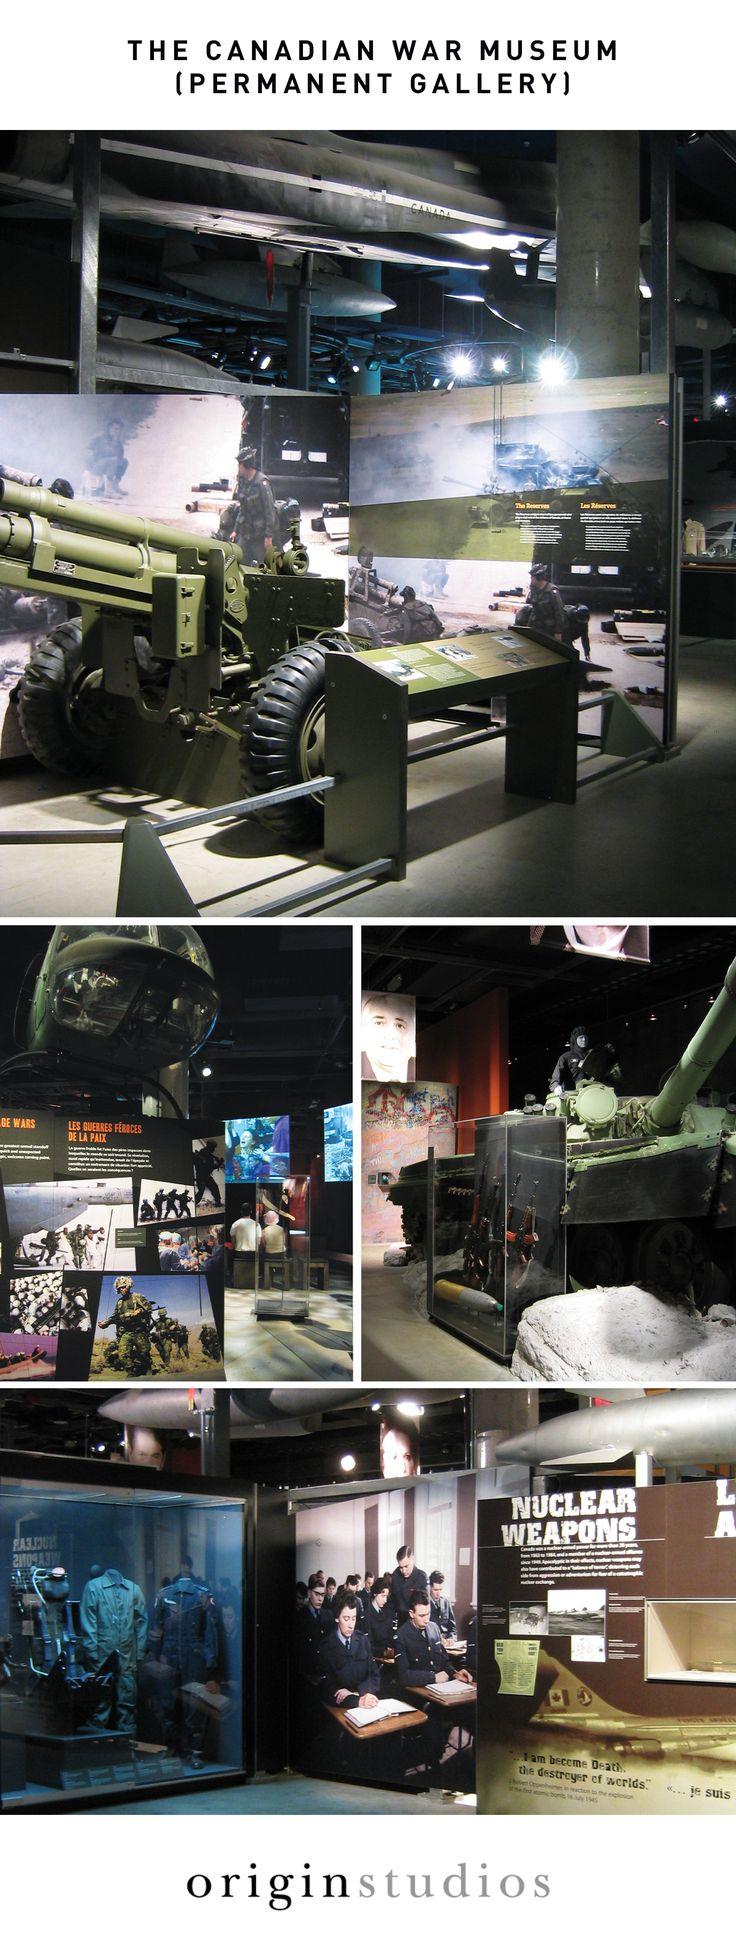 Museum Exhibit, Permanent Exhibitions, Canadian War Museum, Designed by: Origin Studios